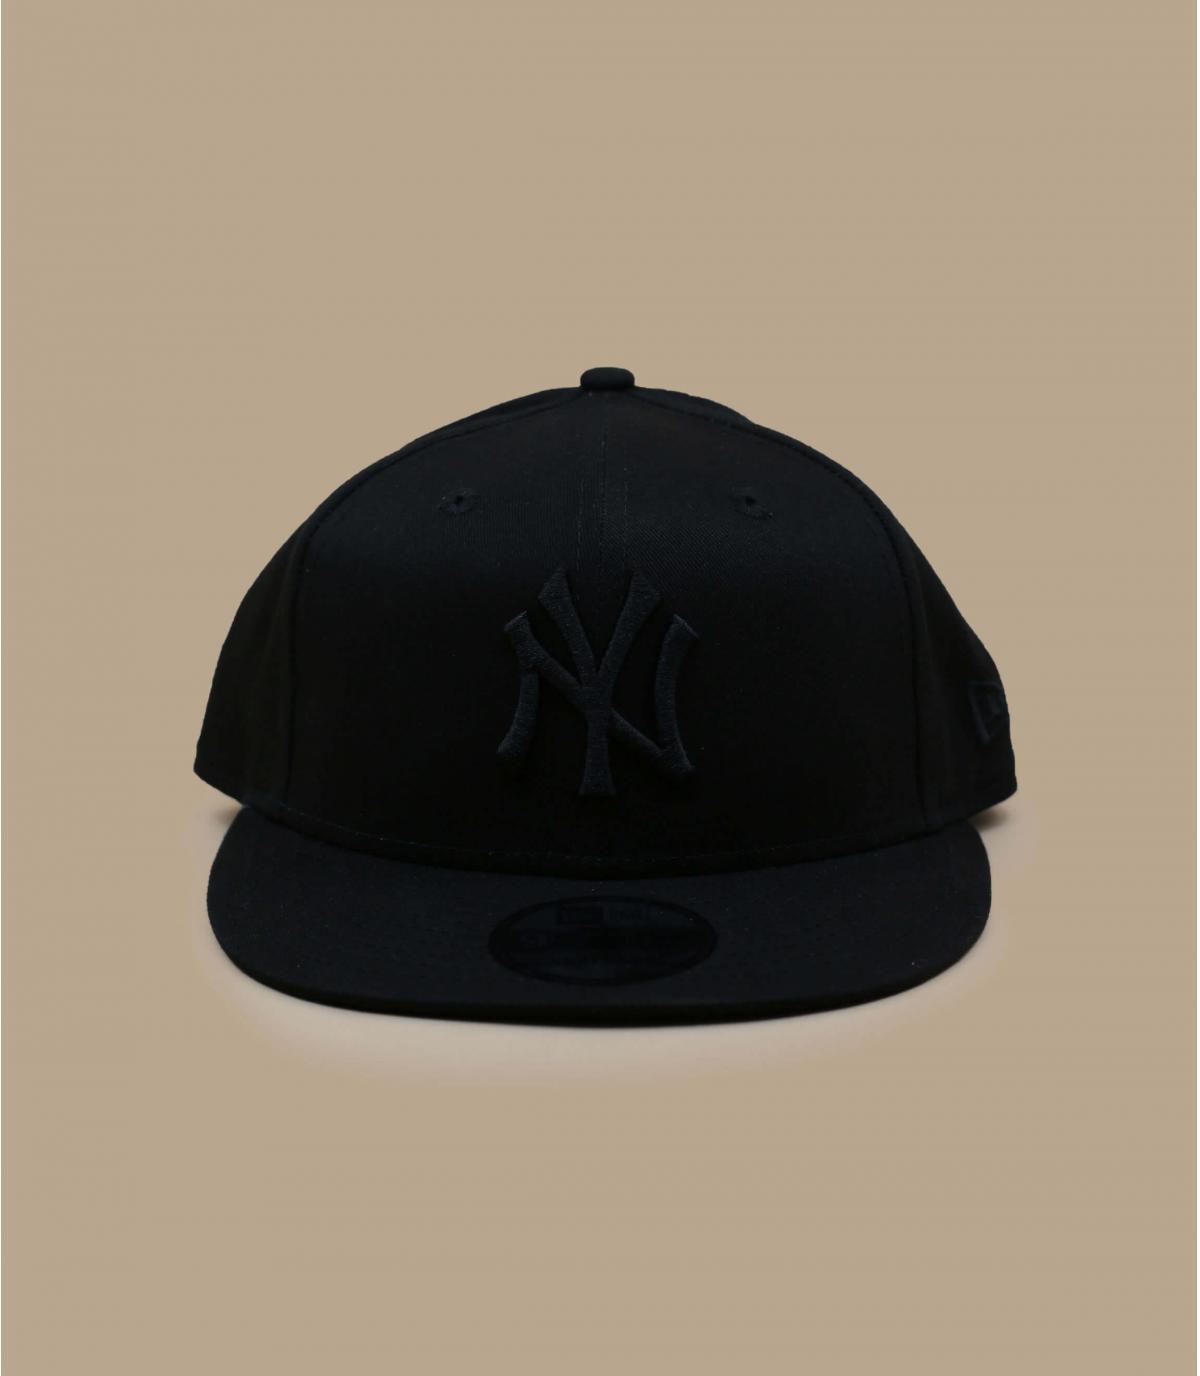 Black New Era snapback - Snapback NY MLB black black by New Era. Headict 298429f79b9